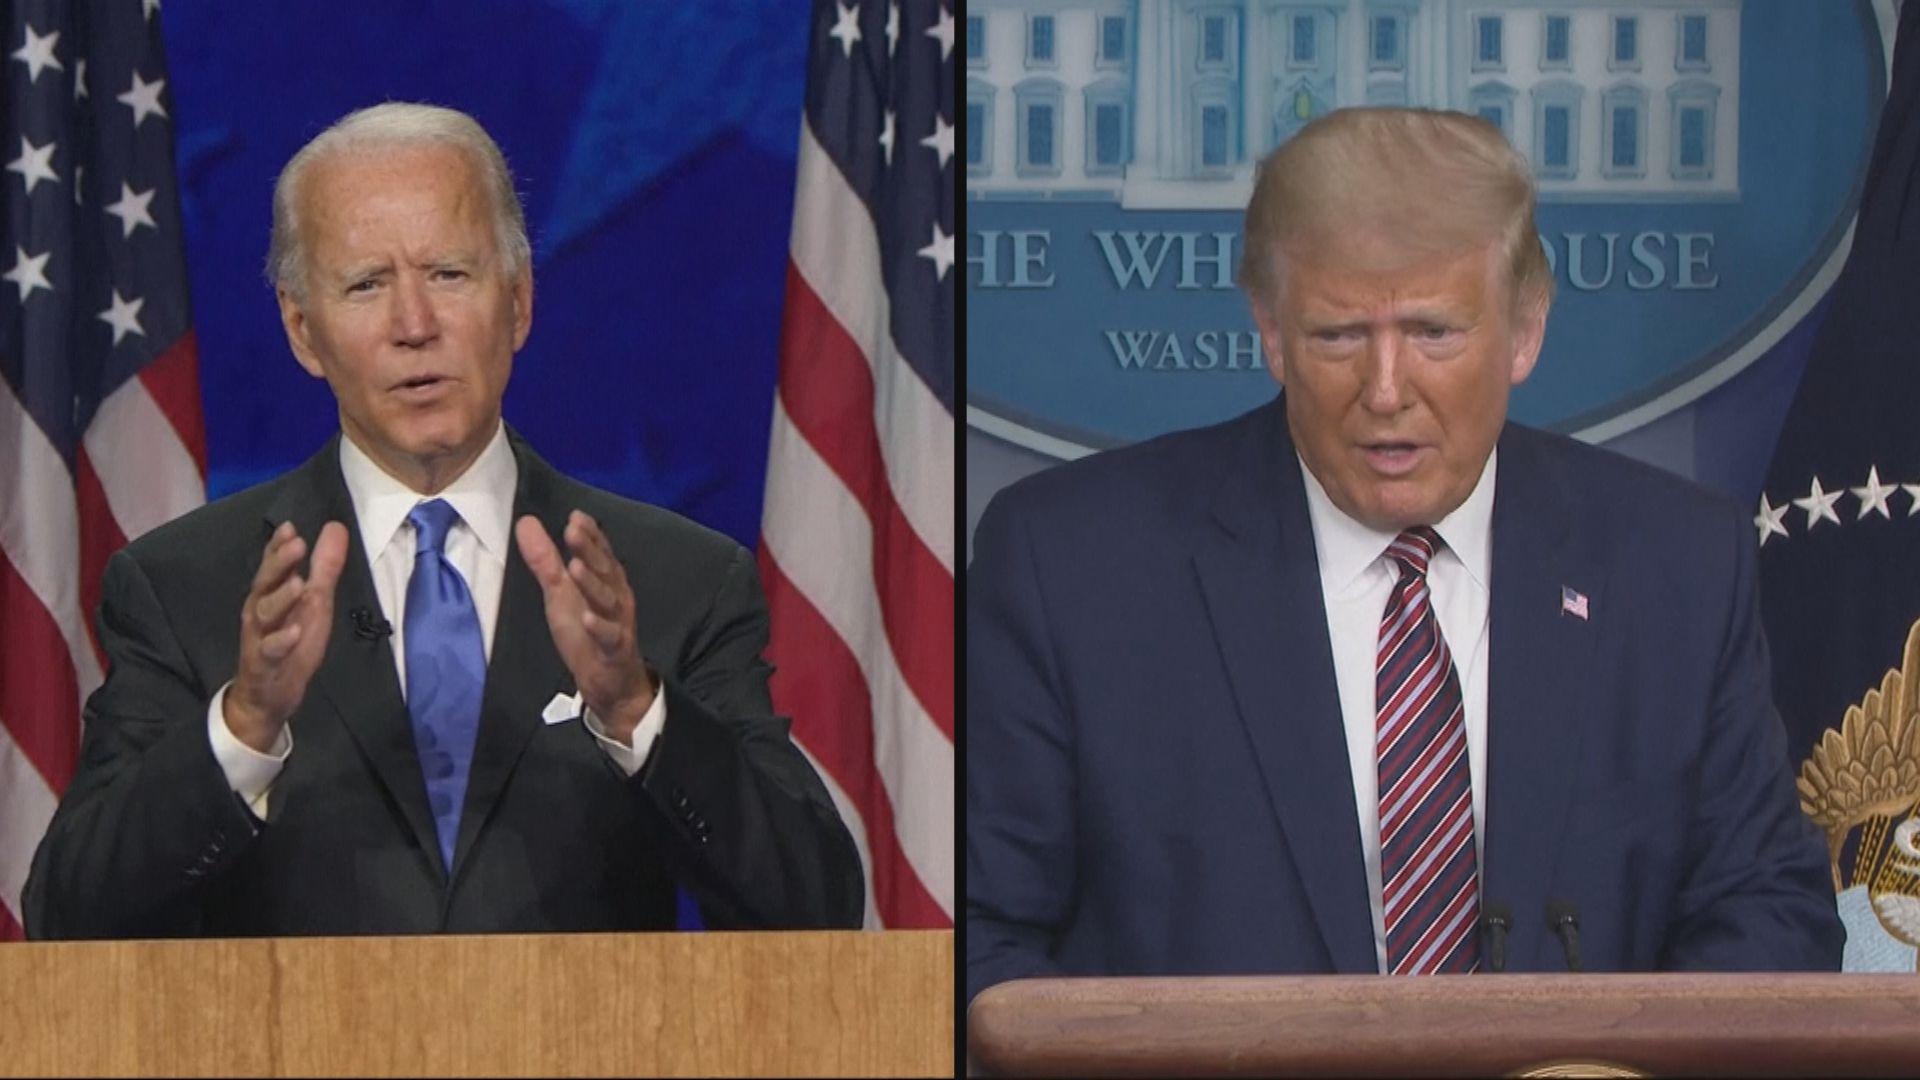 新冠疫情影響美國總統候選人辯論安排